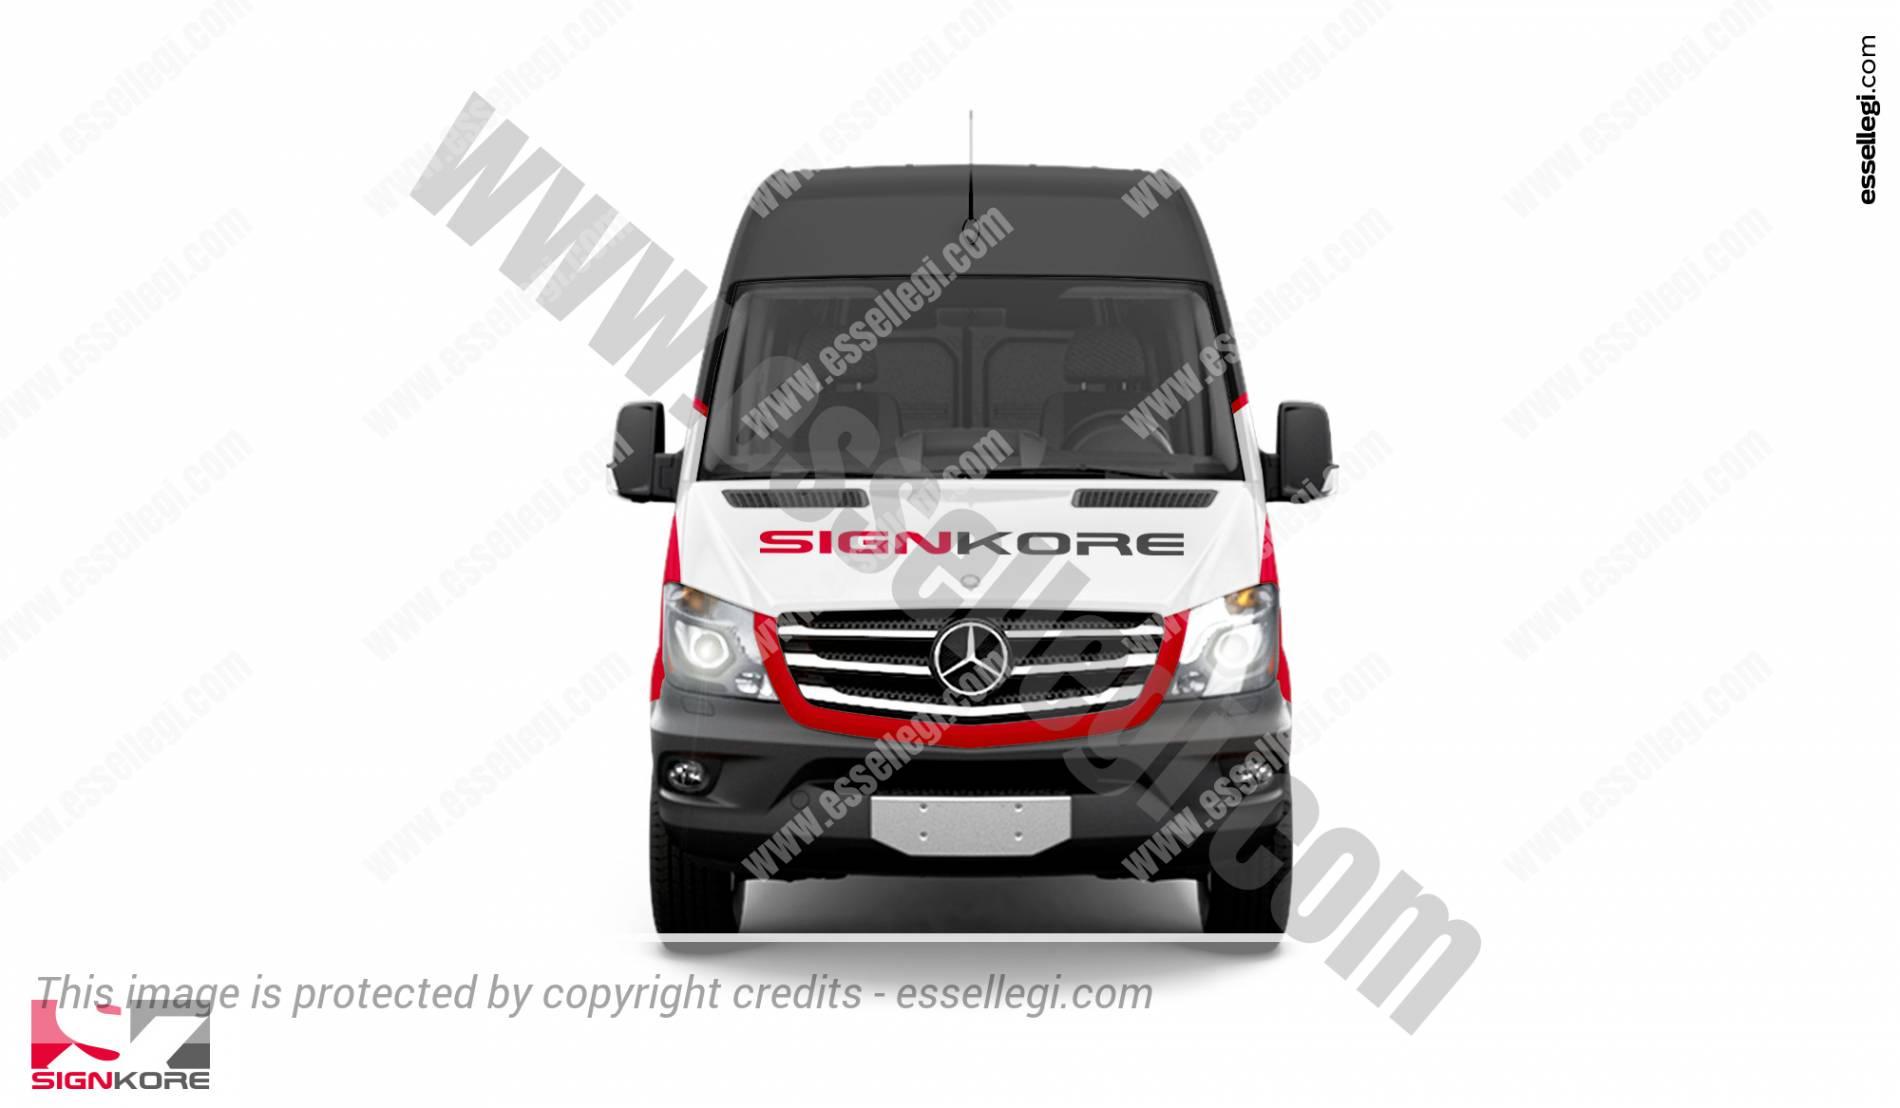 Mercedes Sprinter | Van Wrap Design by Essellegi. Van Signs, Van Signage, Van Wrapping, Van Signwriting, Van Wrap Designer, Signs for Van, Van Logo, Van Graphic by Essellegi.